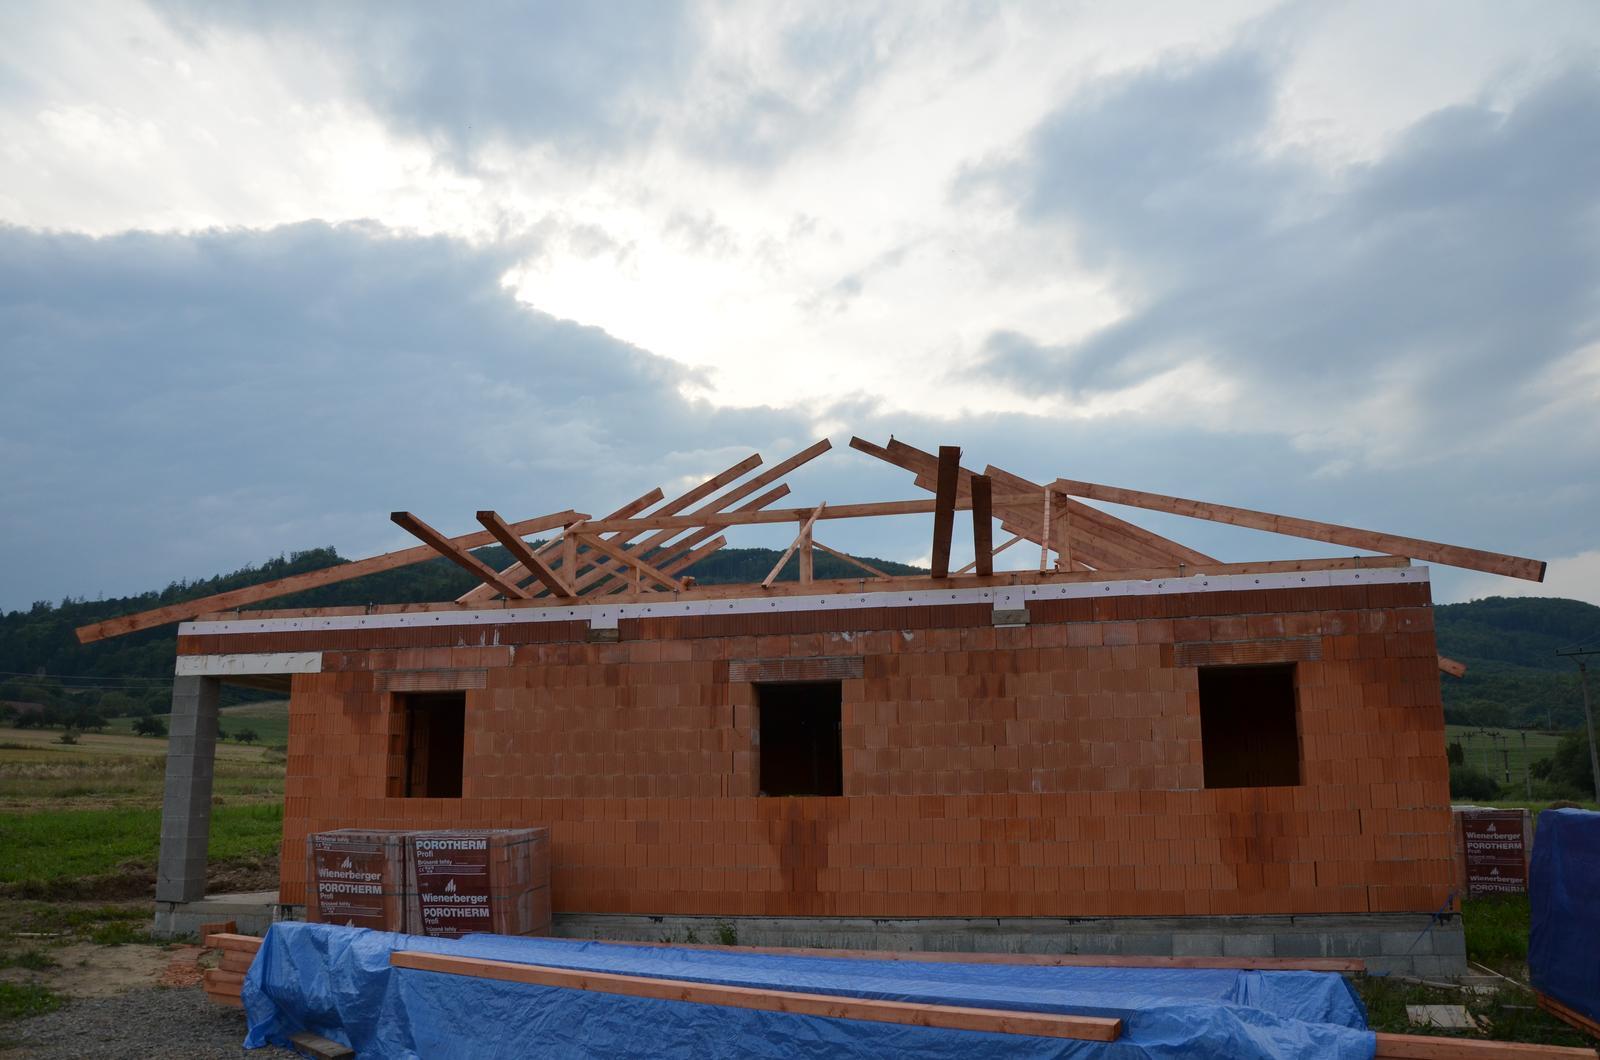 Náš budúci domov - Vrchná platňa hotová začíname zo strechou 19.8.2014